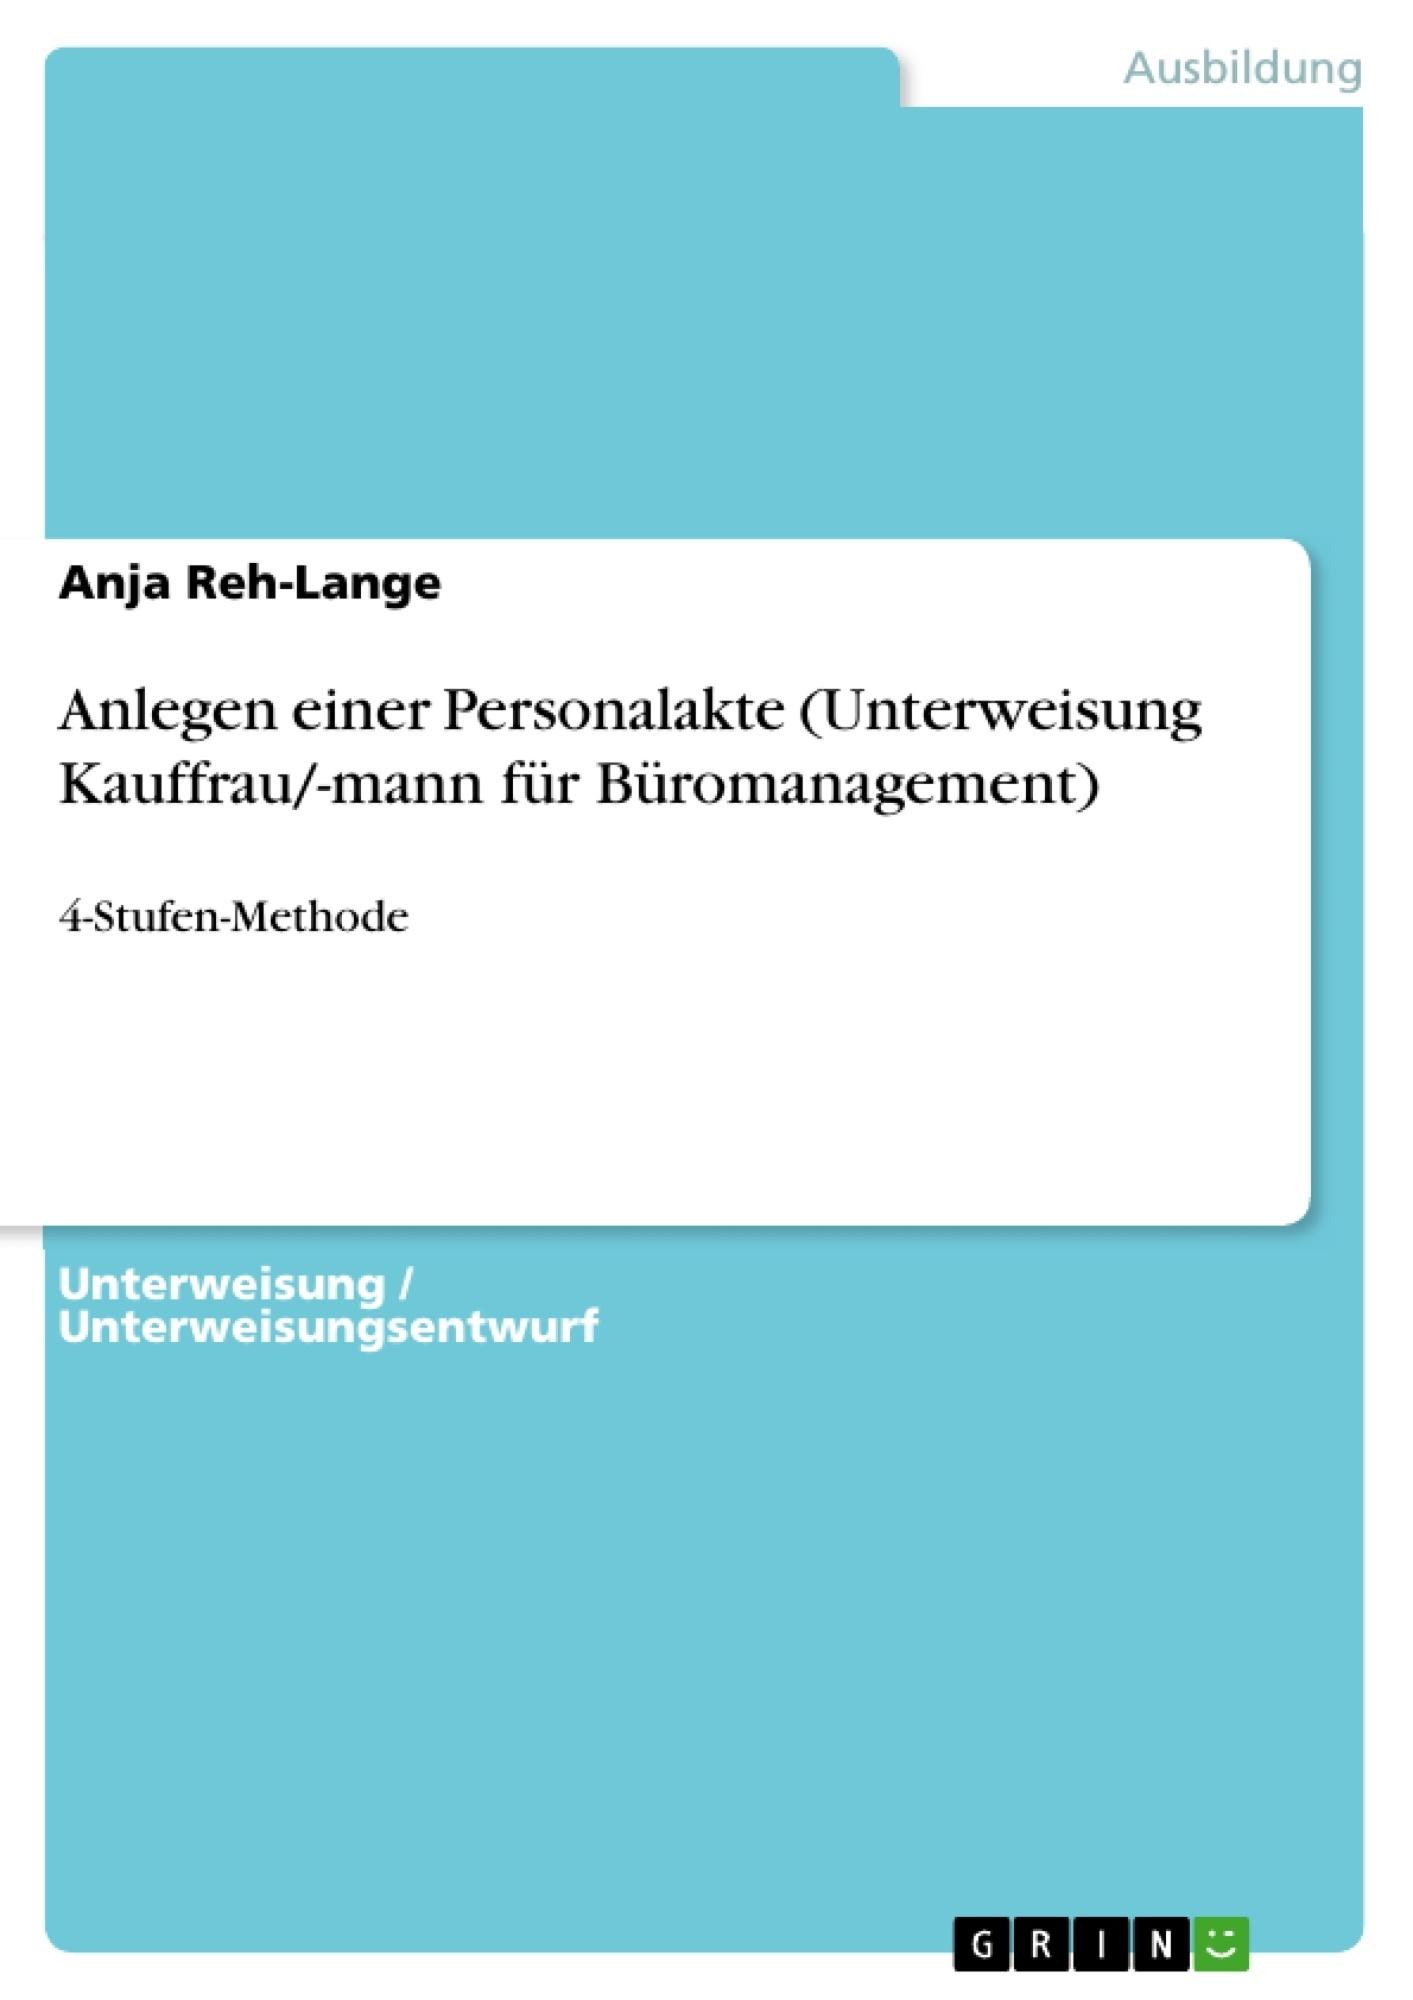 Titel: Anlegen einer Personalakte (Unterweisung Kauffrau/-mann für Büromanagement)